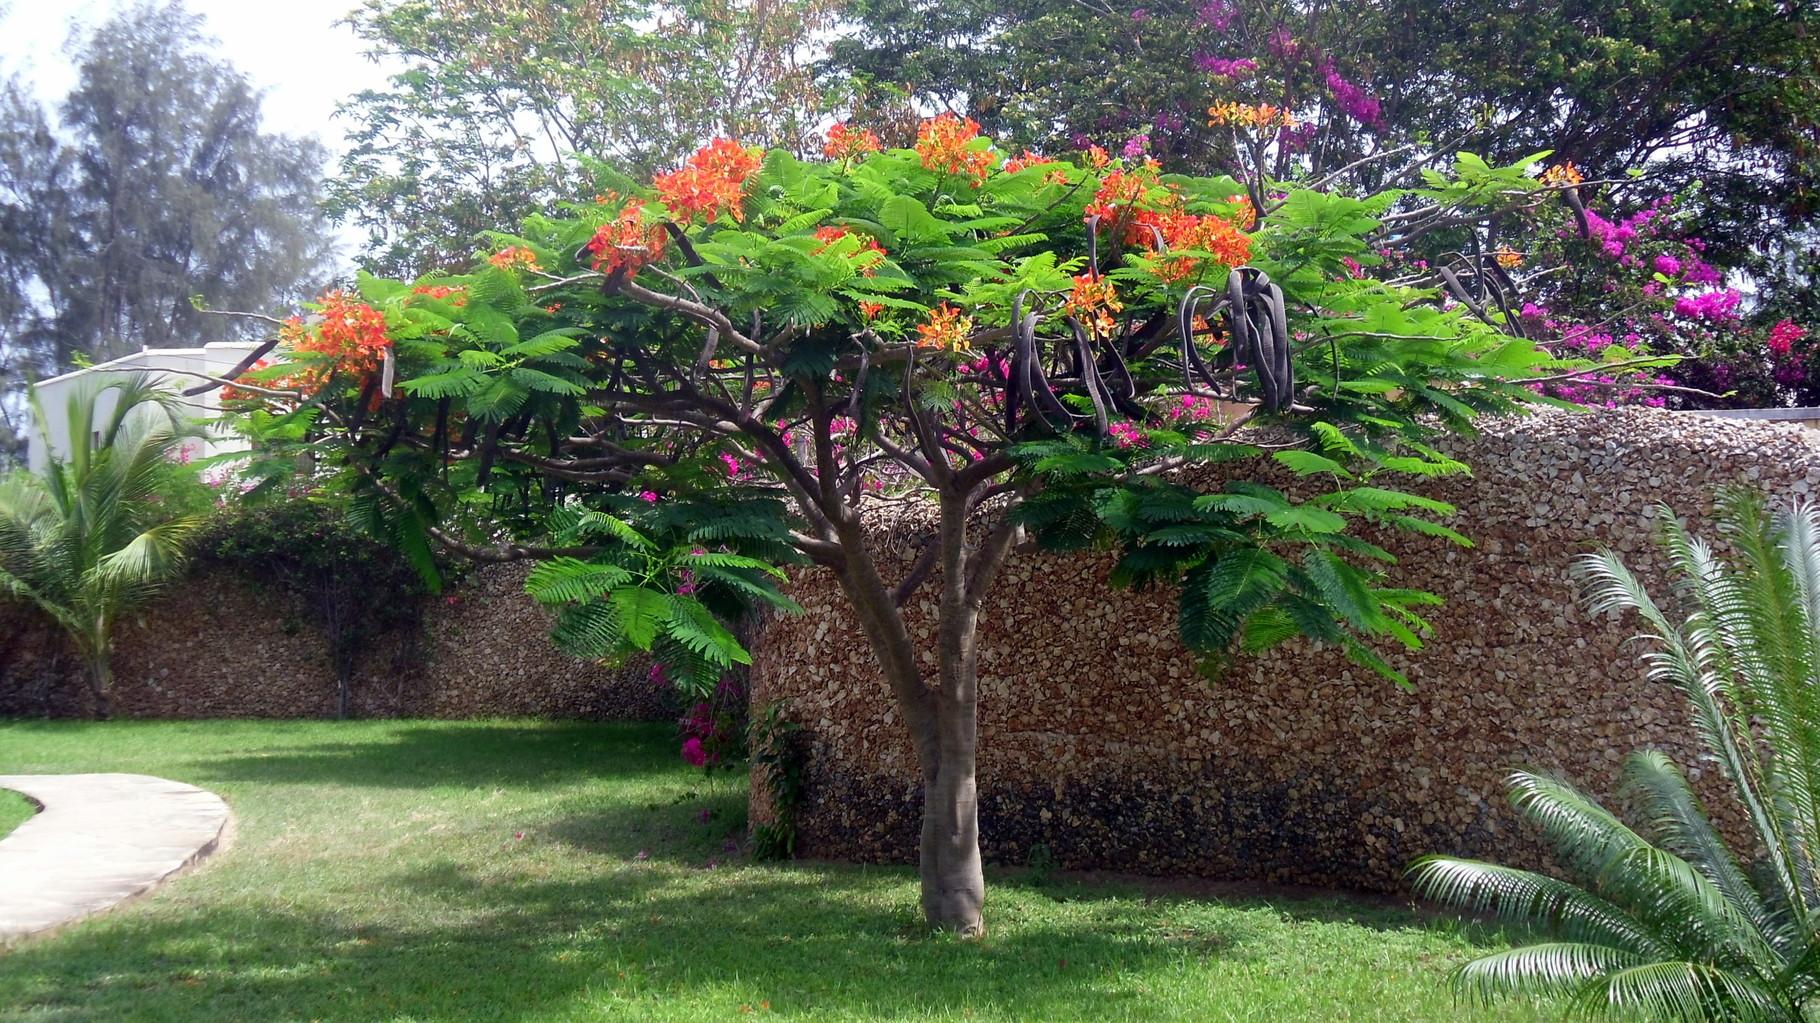 Piante e fiori nella tembo court kenya vacanze for Giardino fiori